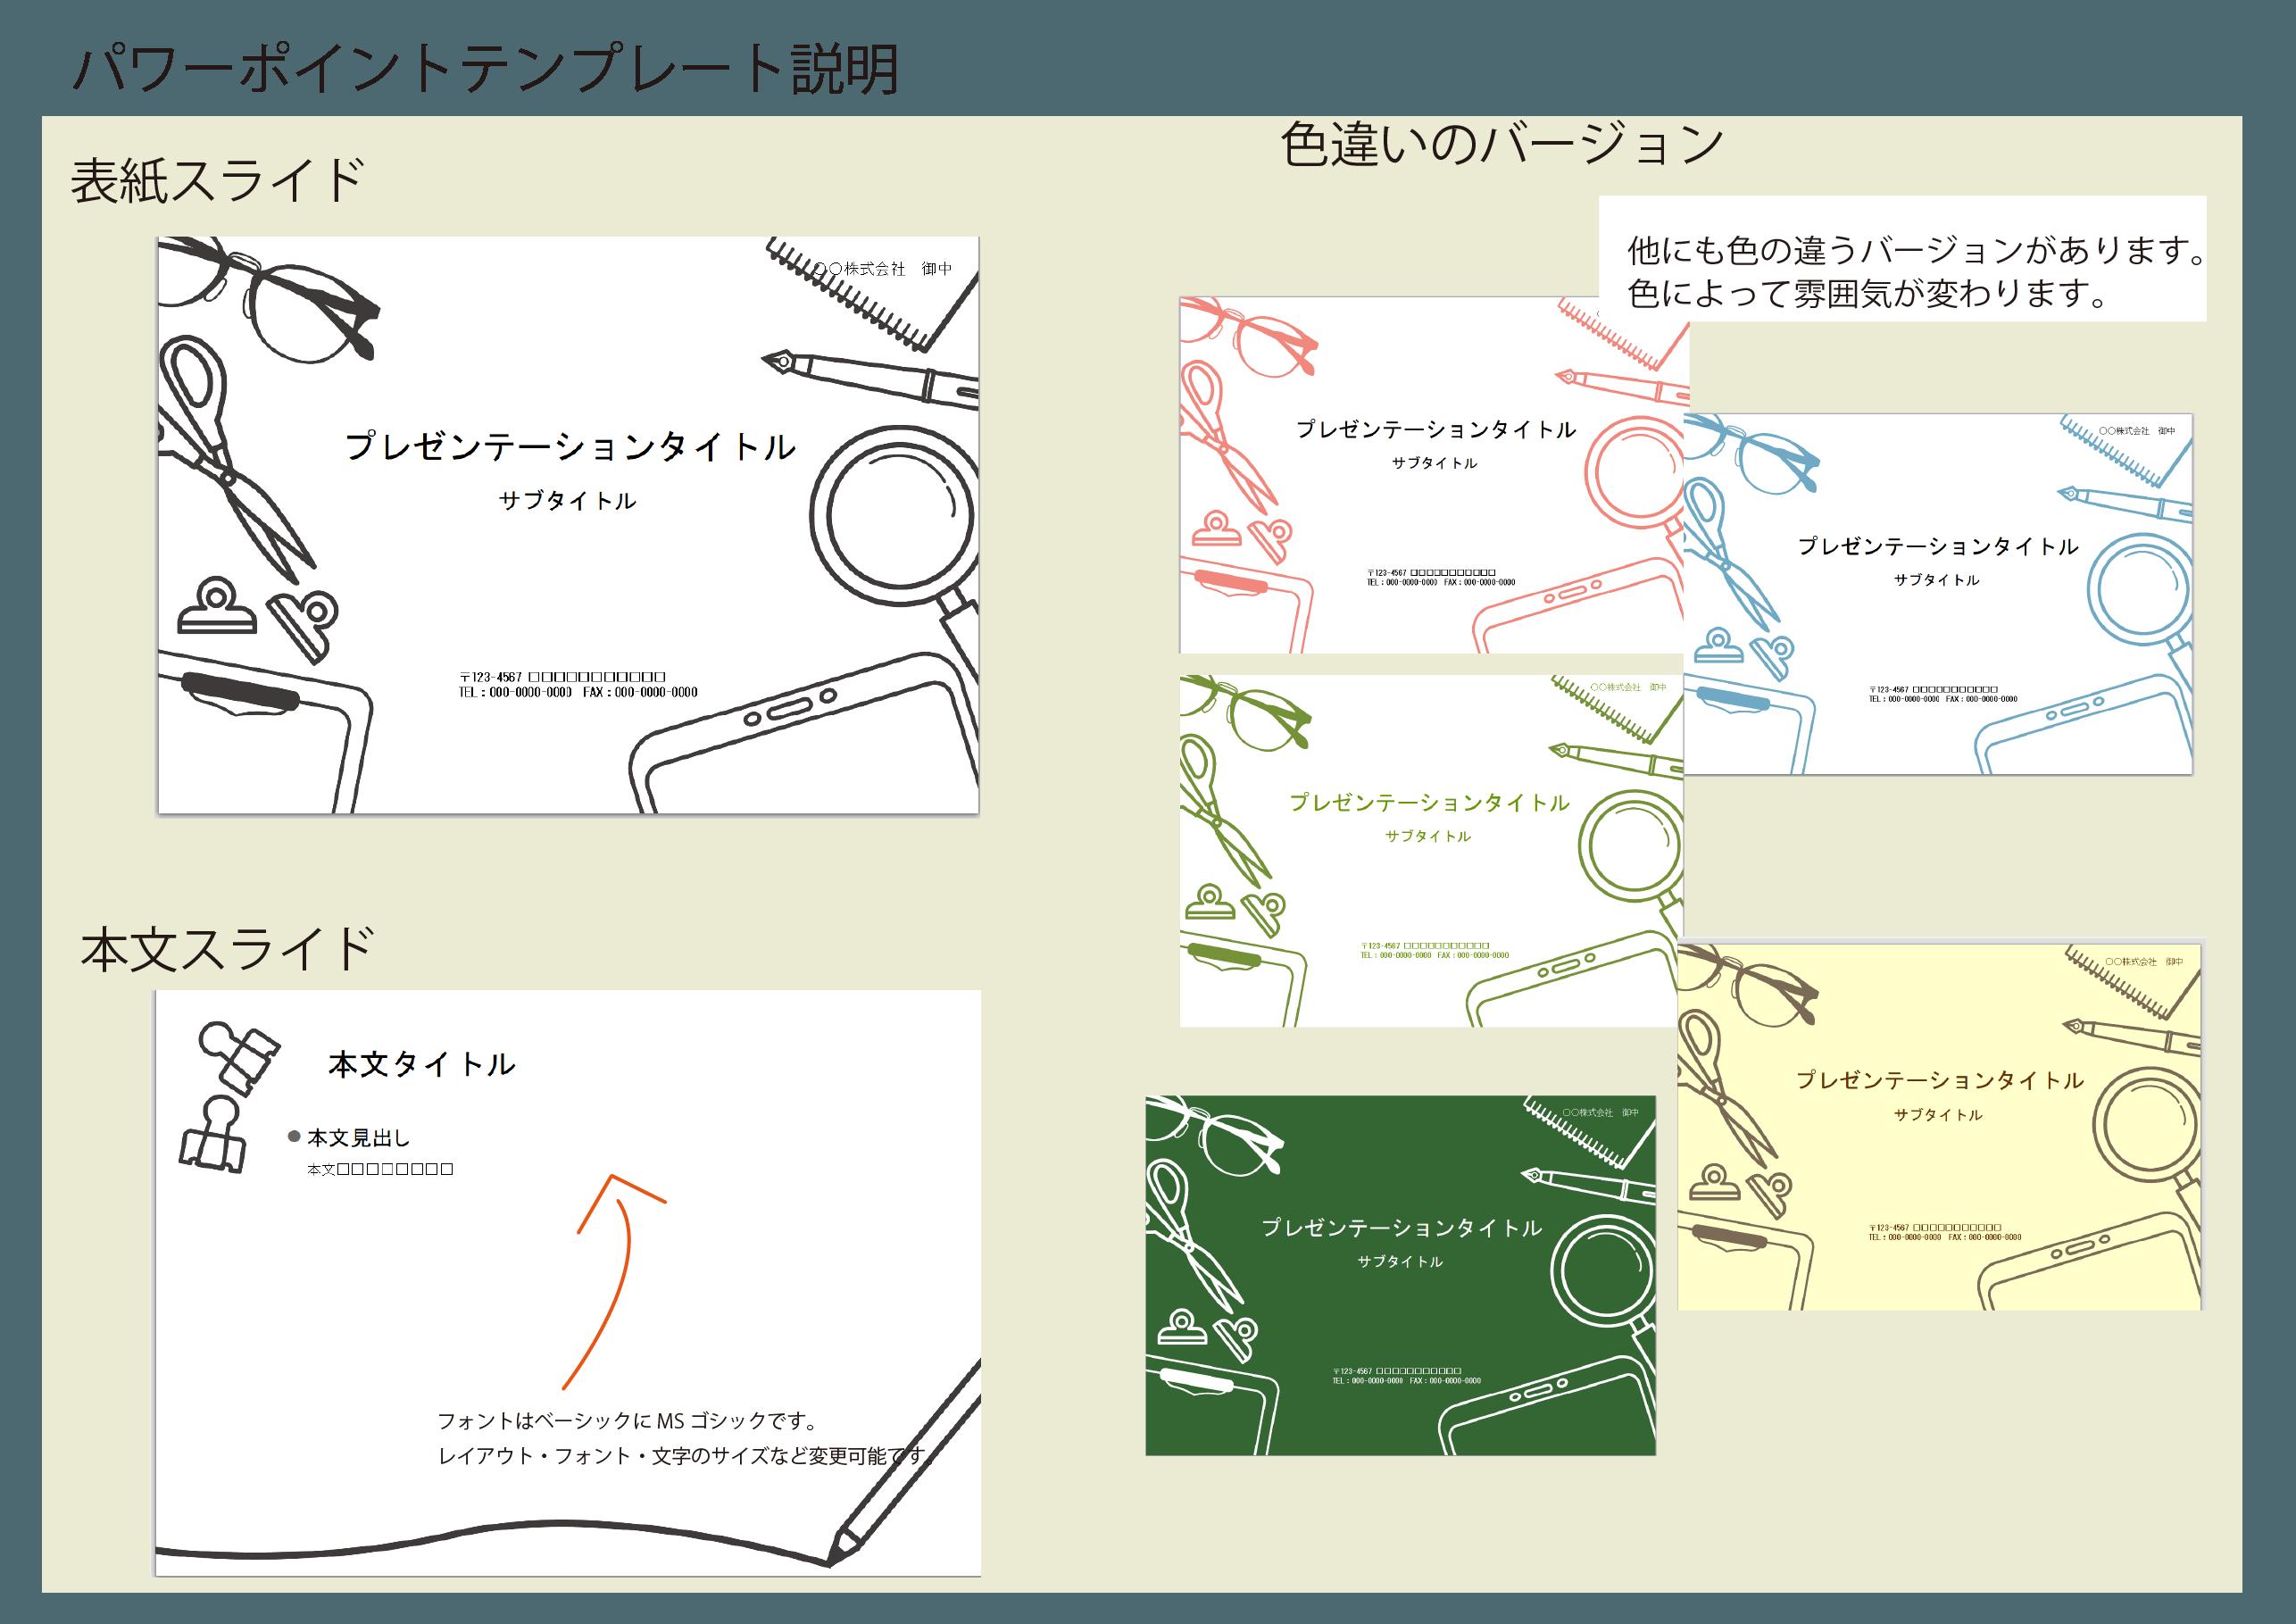 文具「グリーン」のパワポ背景「ホワイト」の使い方